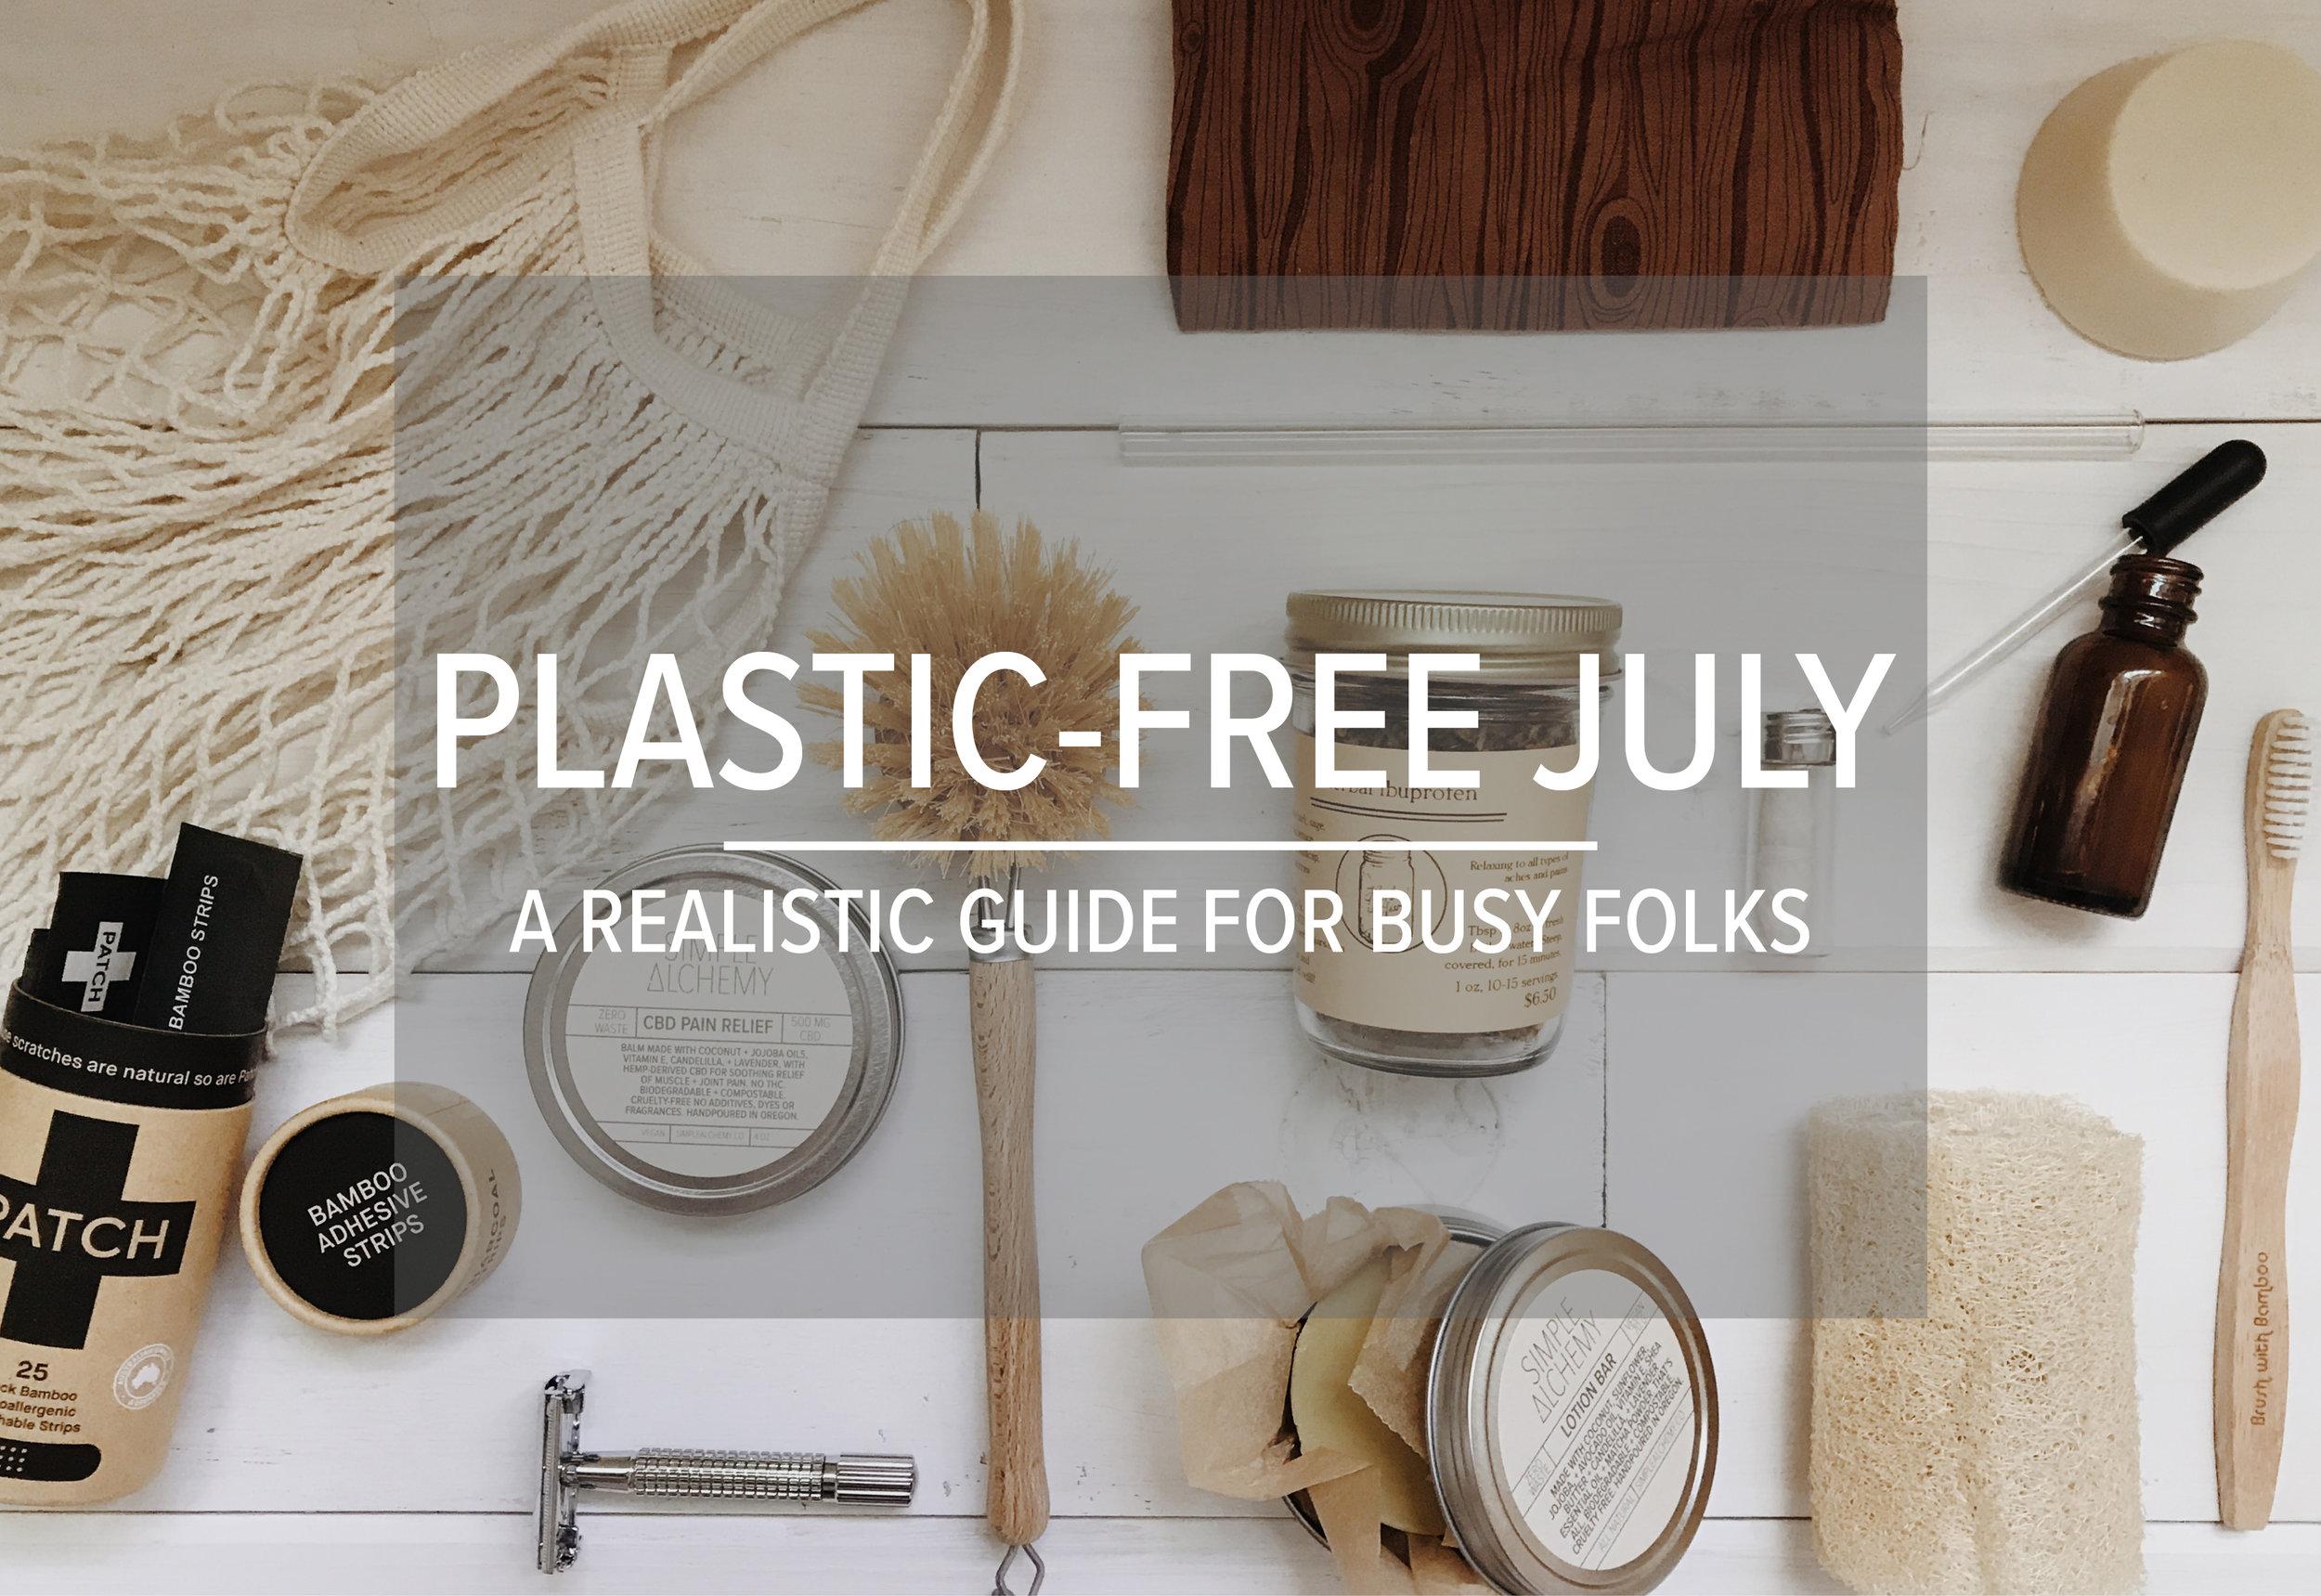 Plastic-FreeJuly_ImageHeader.jpg